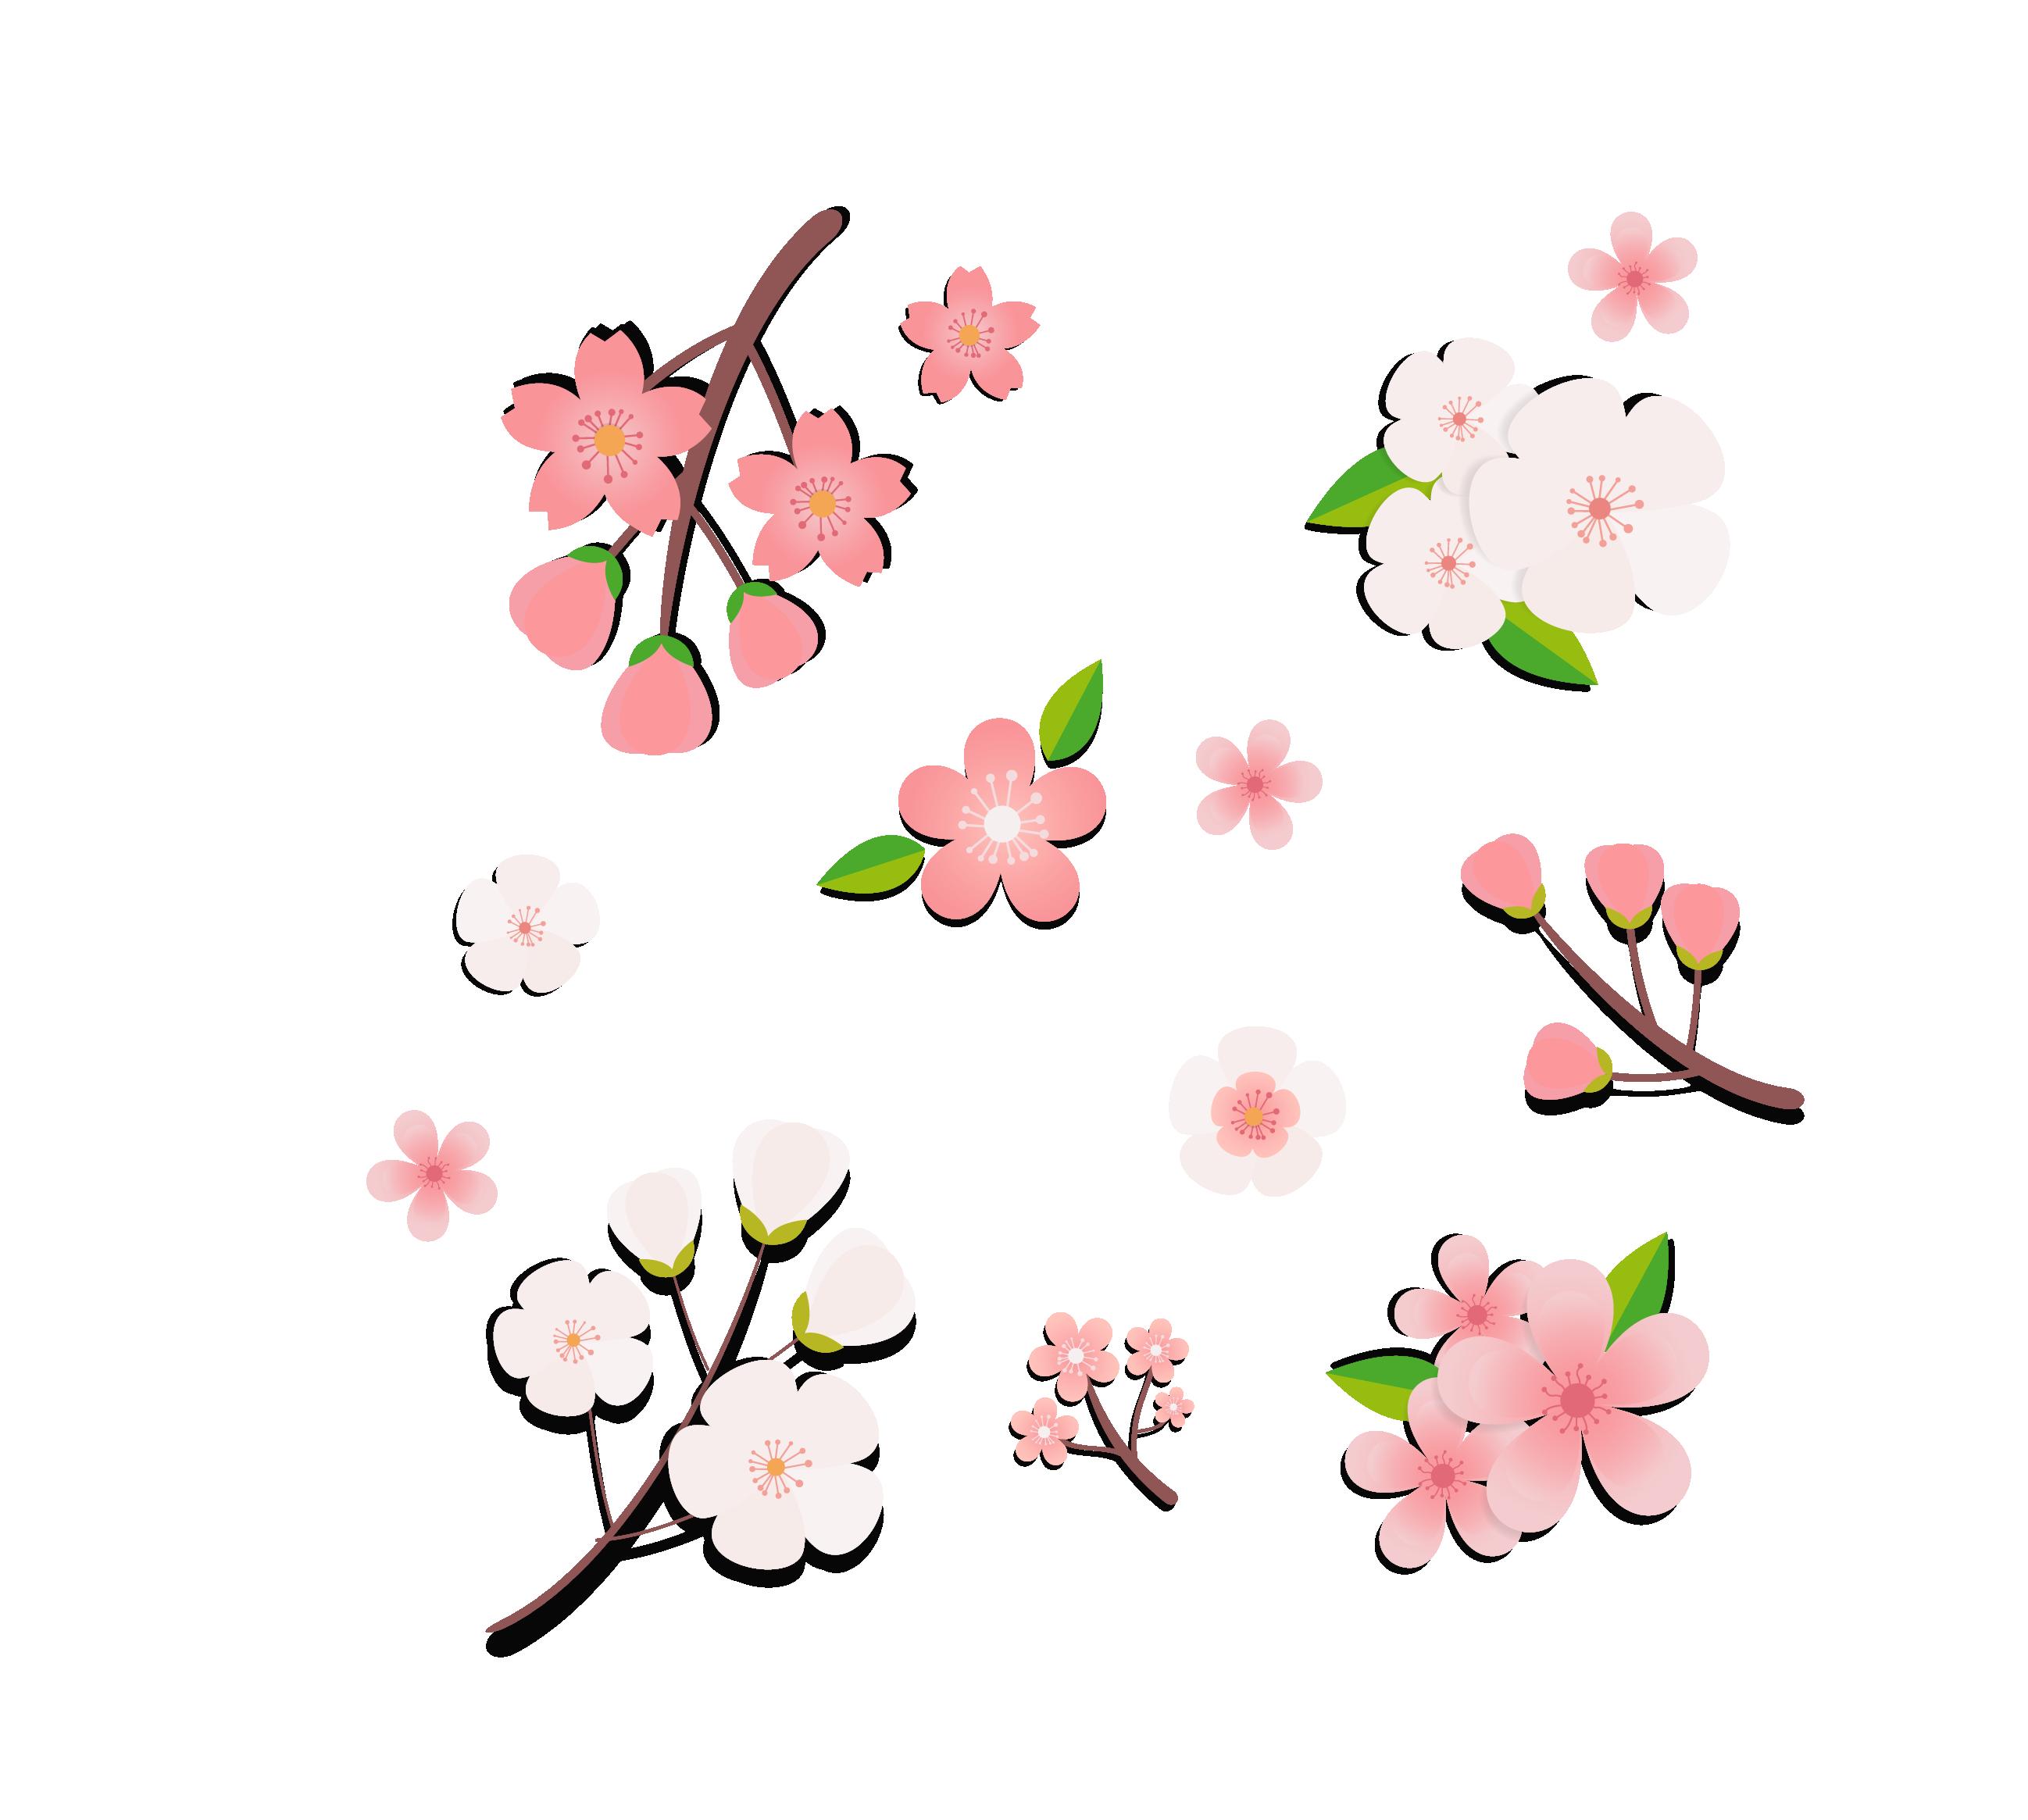 Ảnh hoa đào png đẹp dùng cho thiết kế miễn phí 4